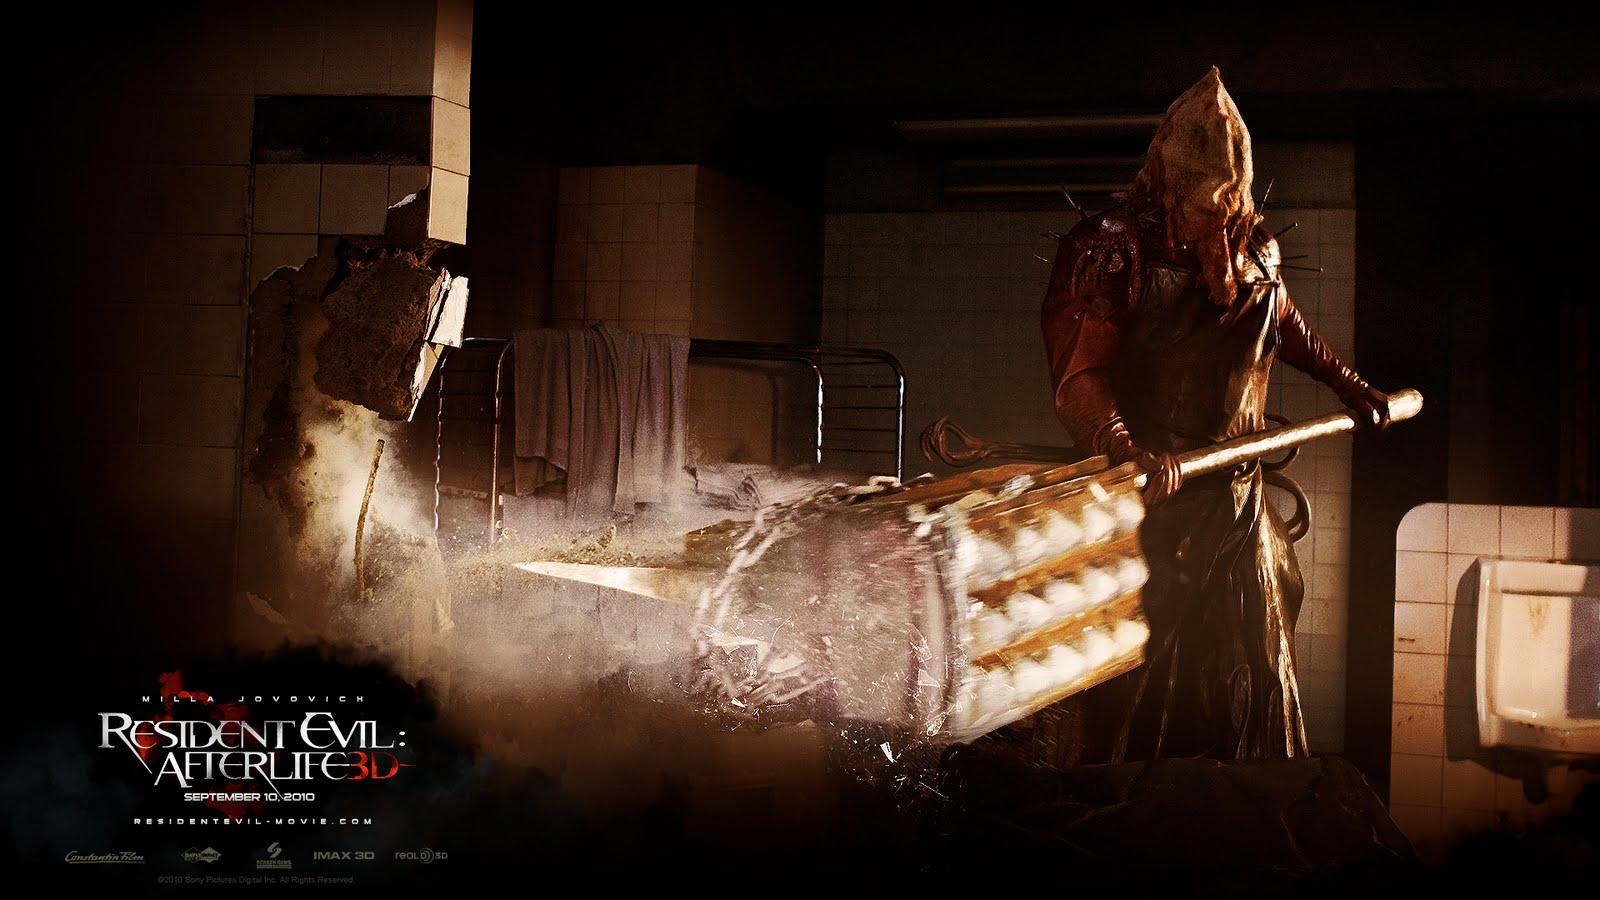 Resident Evil Afterlife Hd Wallpaper Ushasree S Blog